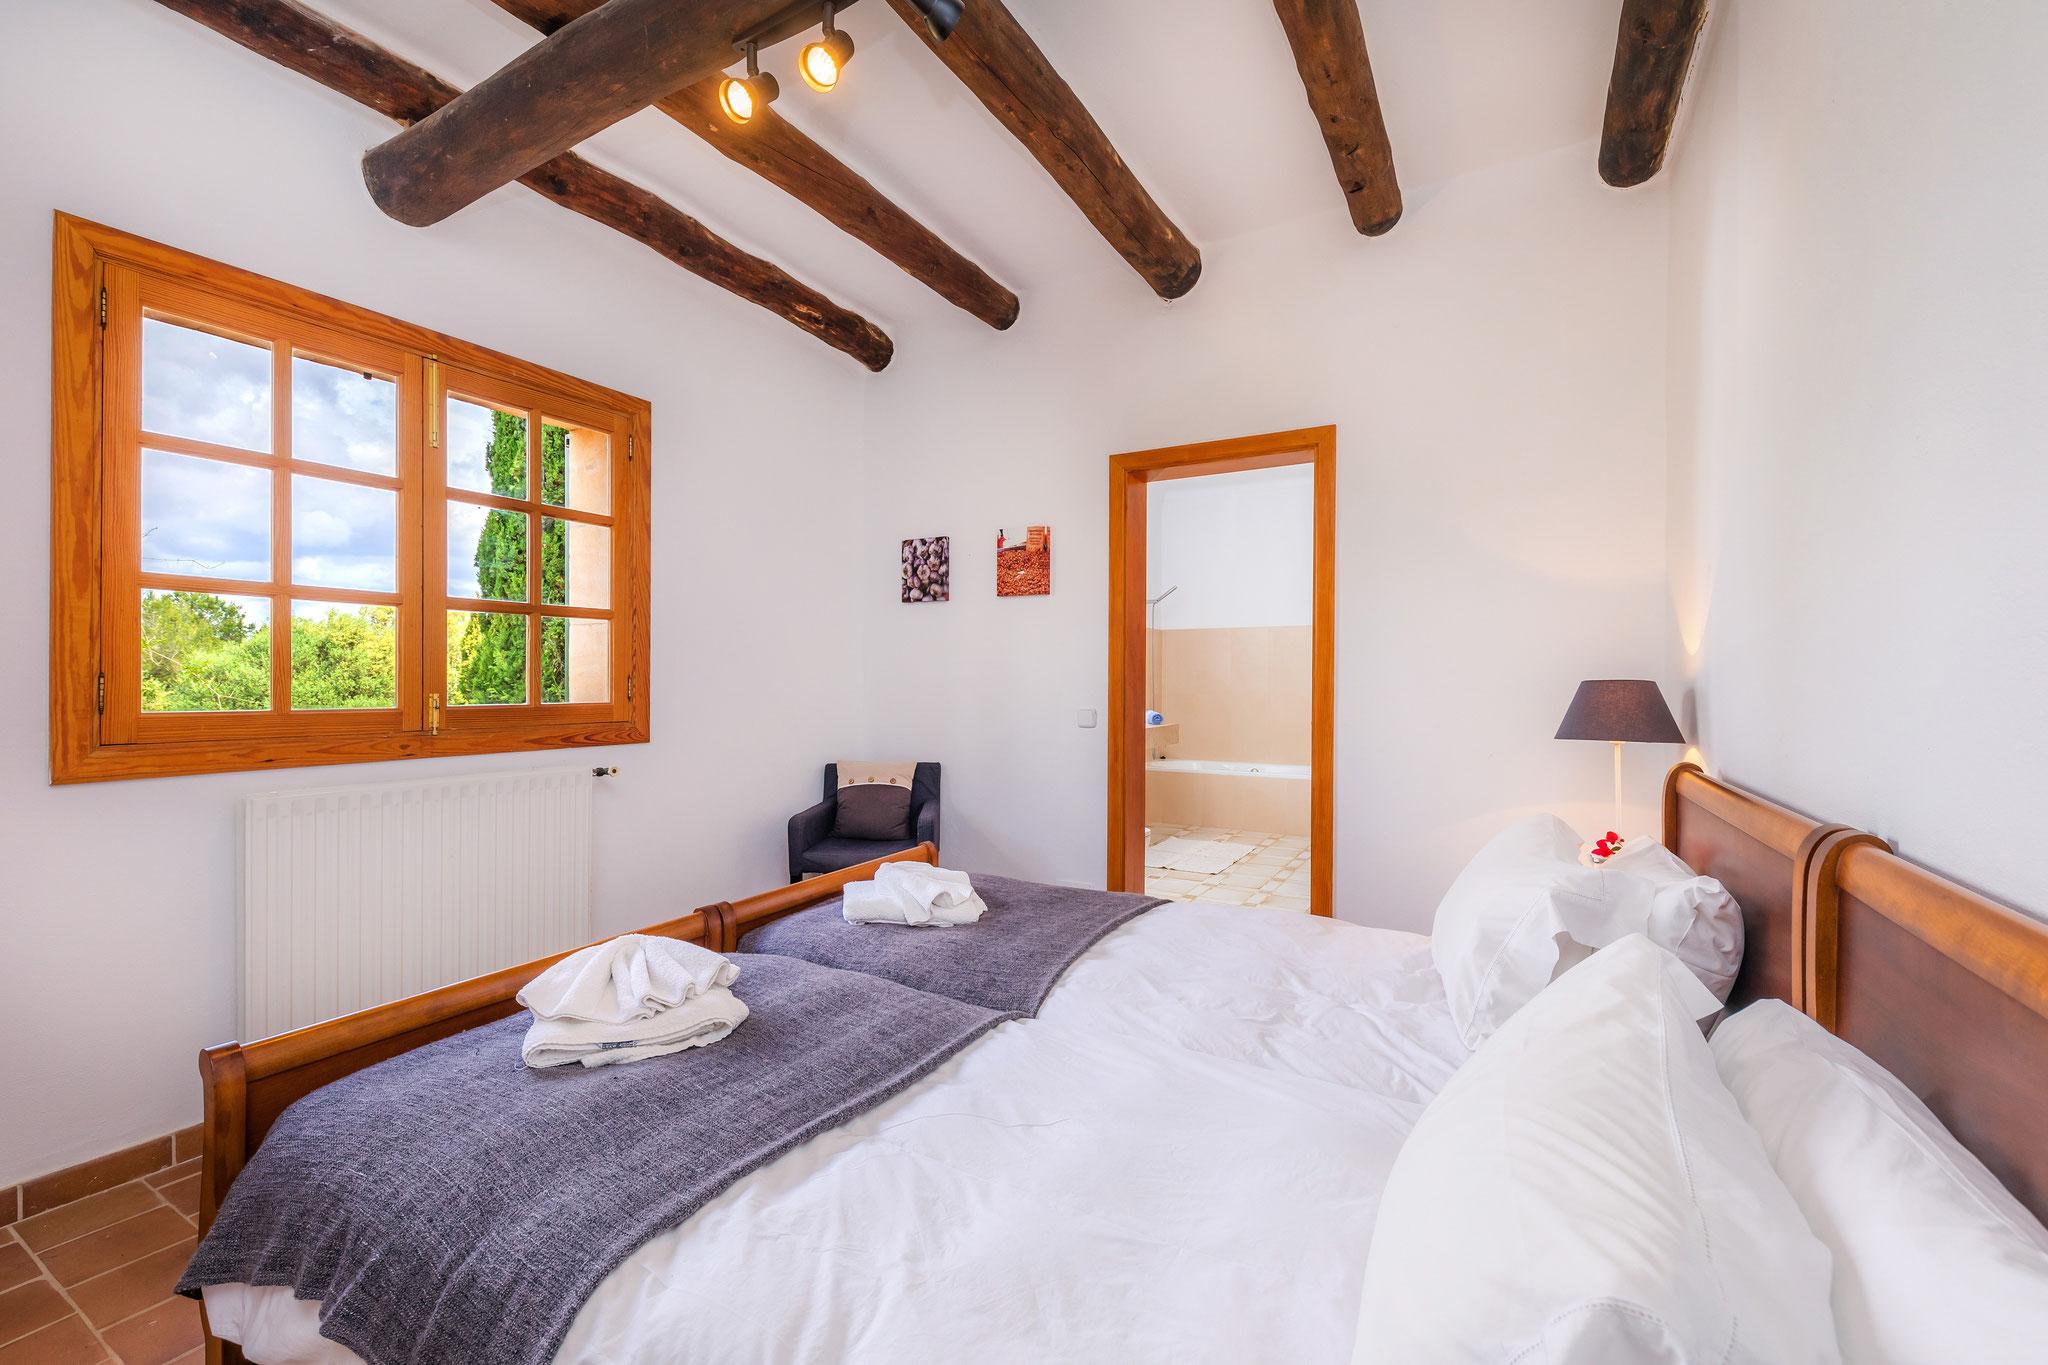 Schlafzimmer mit Einzelbetten im Erdgeschoss